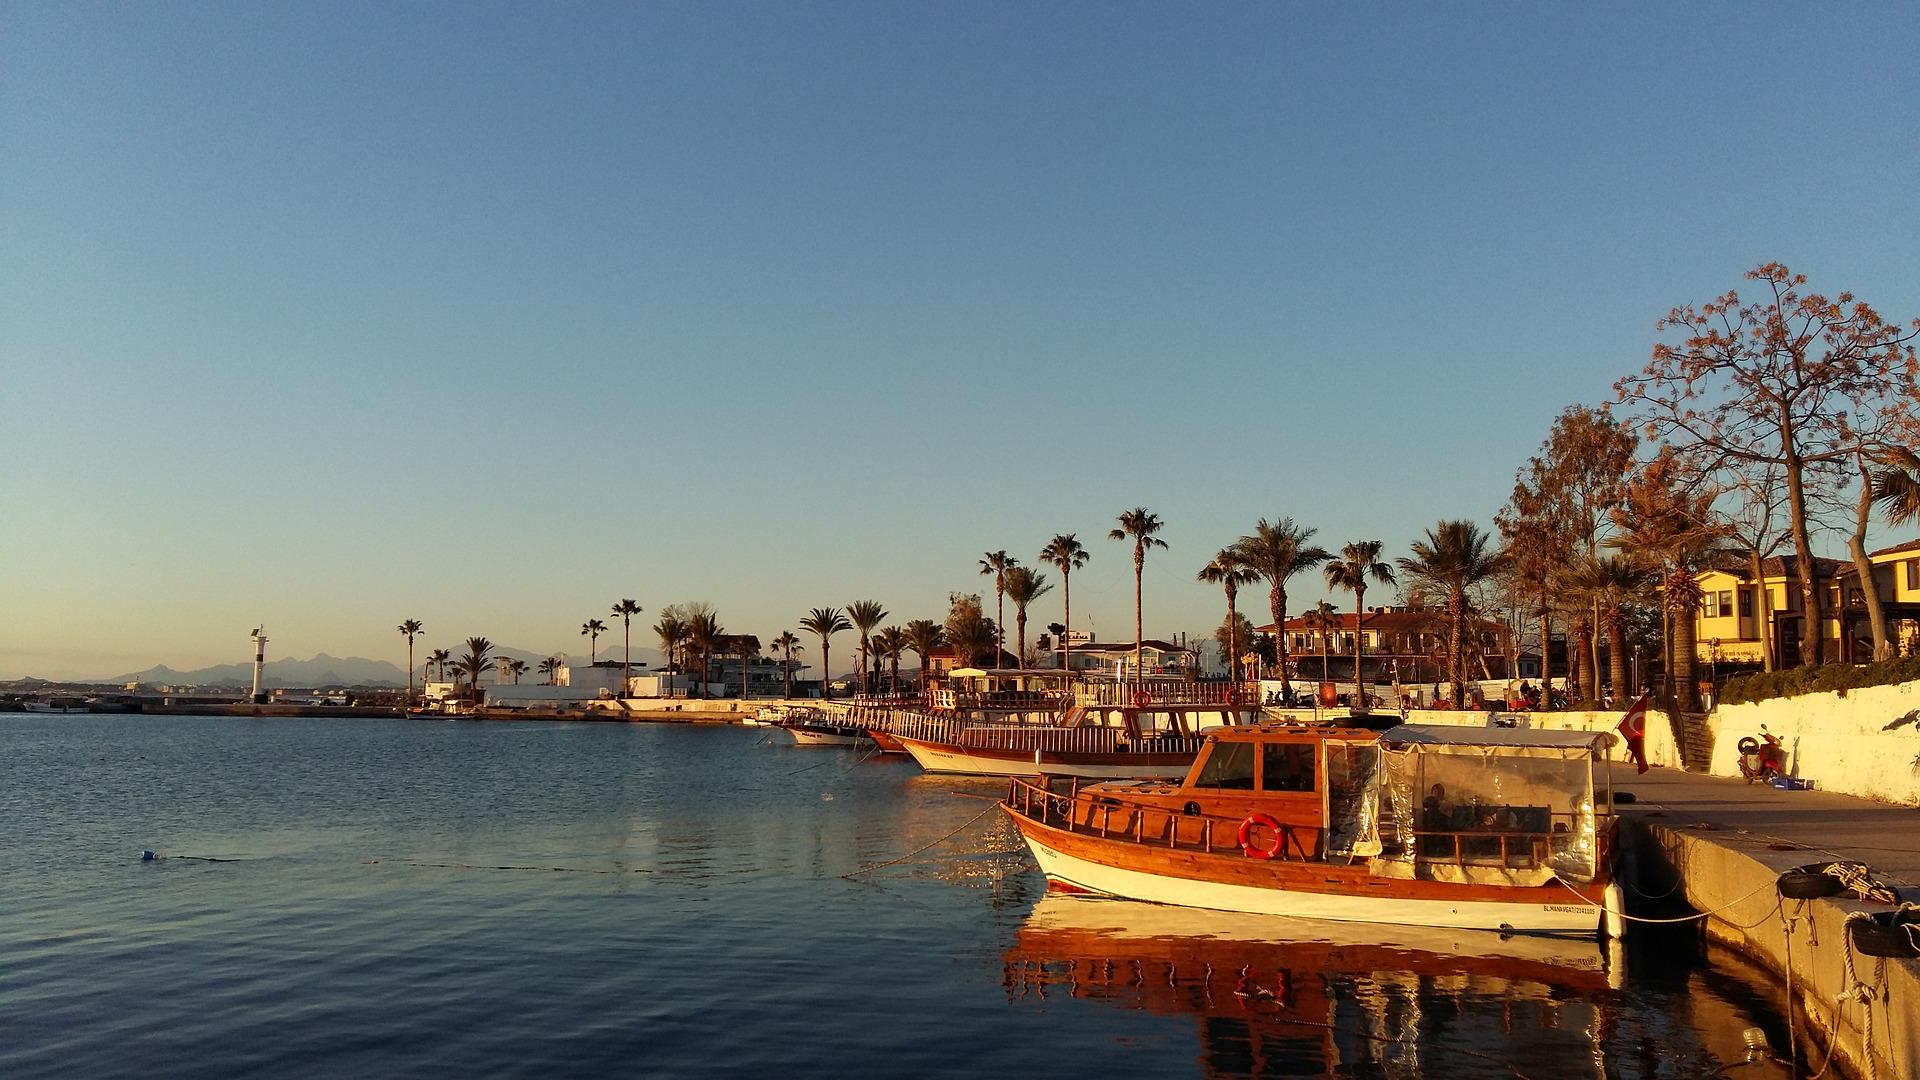 gemütlich die 1,5 Kilometer lange Strandpromenade genießen bis zum Hafen